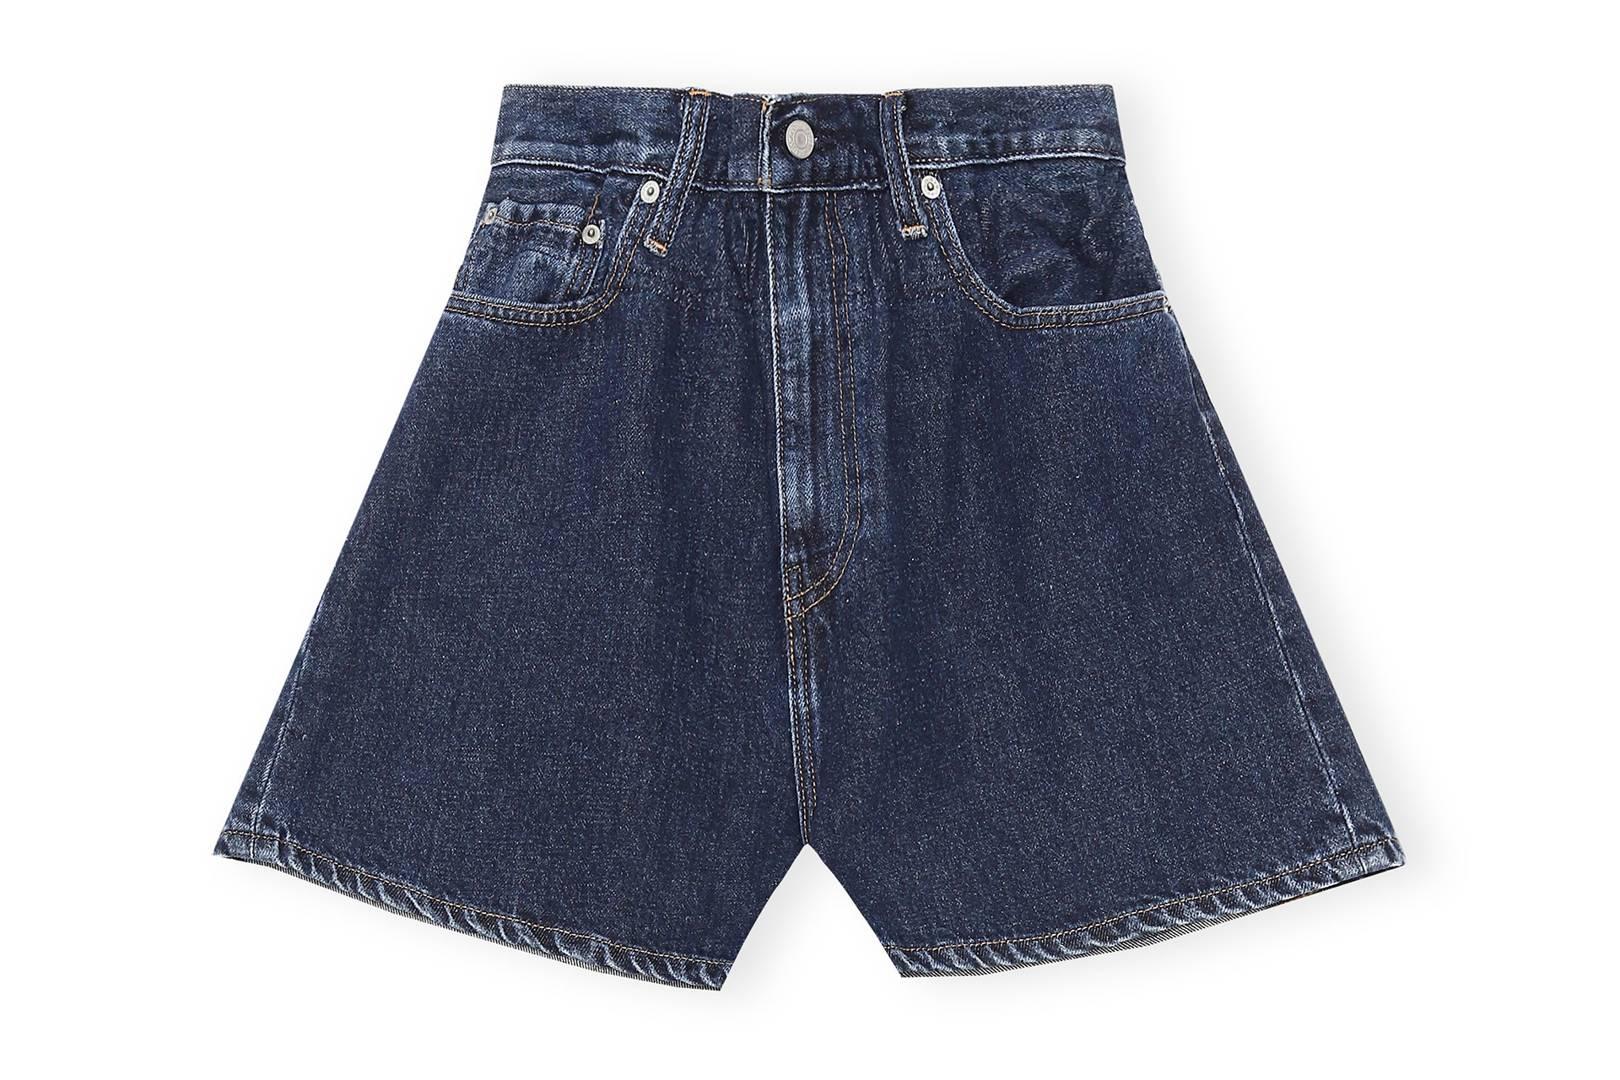 Ganni X Levi's Dark Indigo Denim Shorts, £205